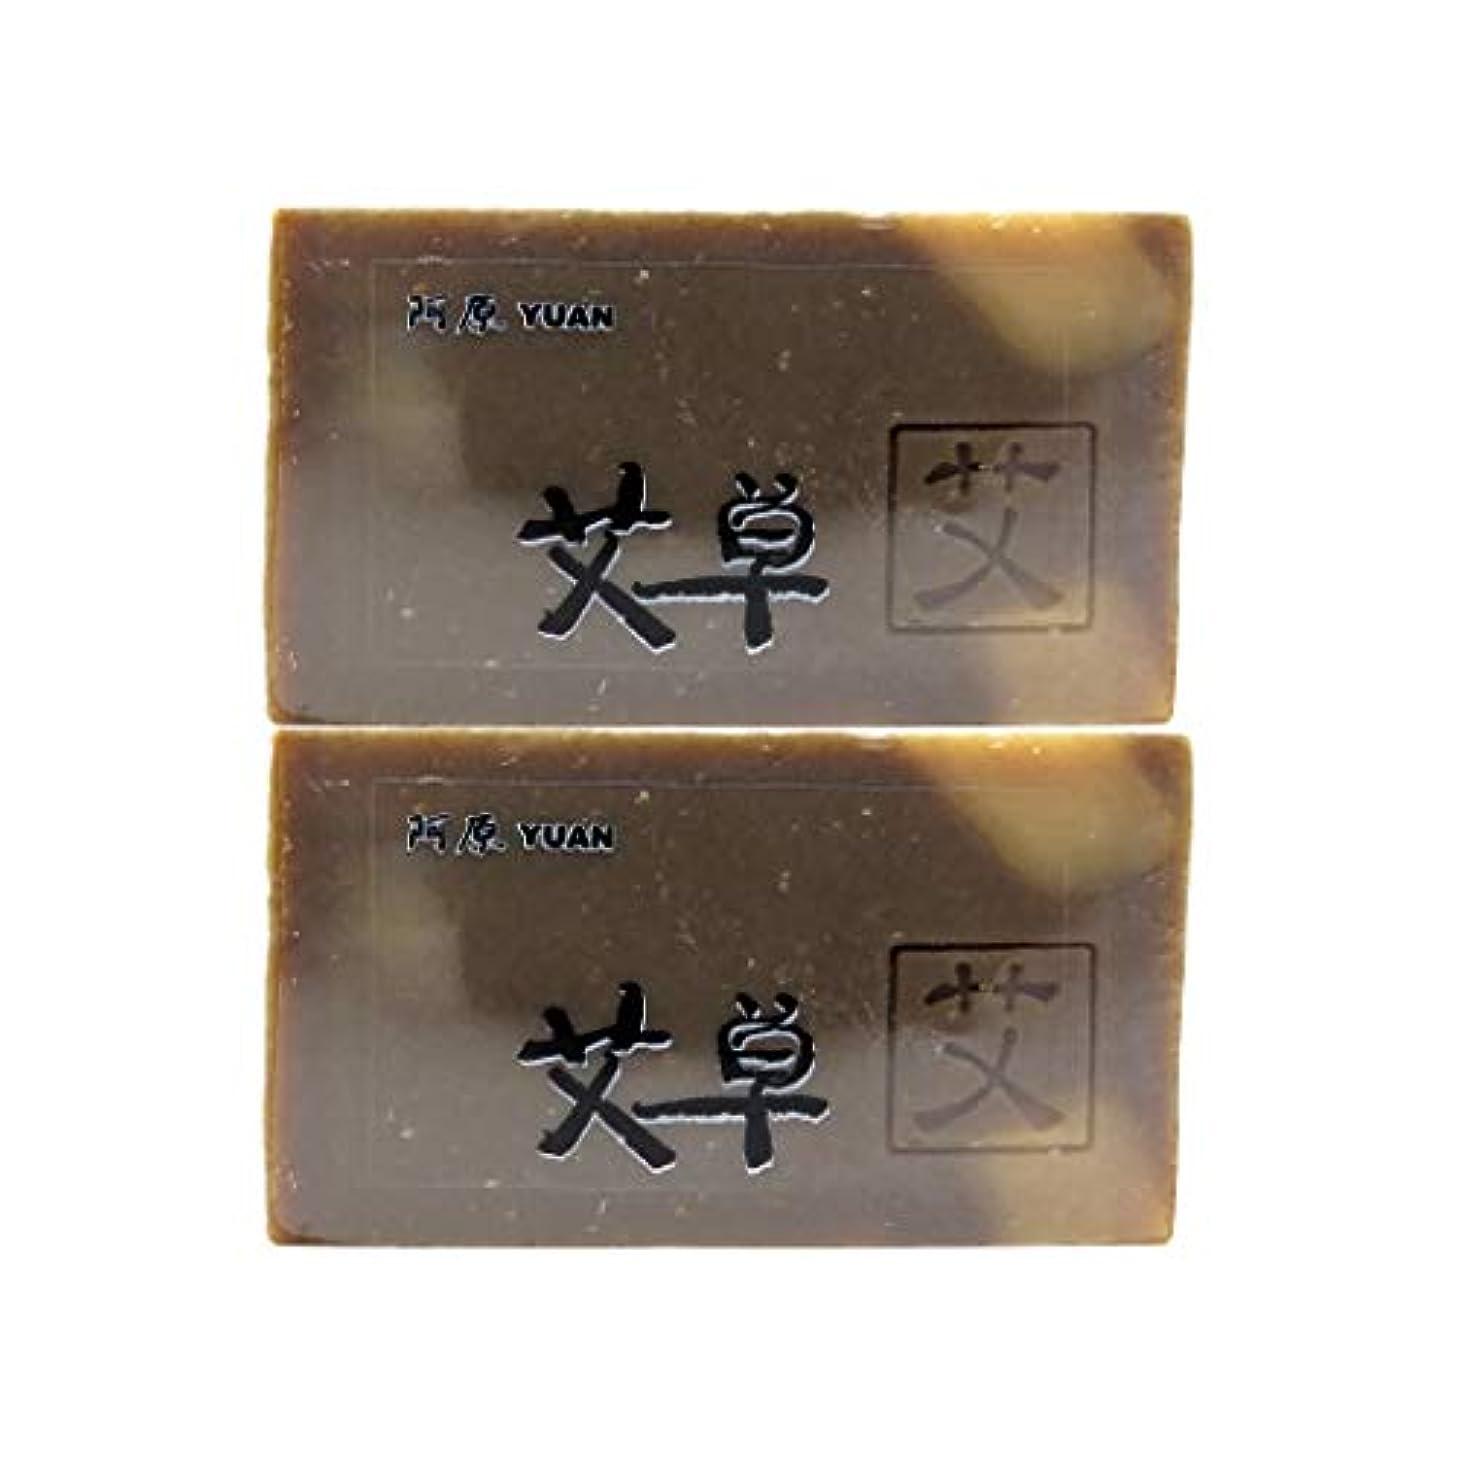 学ぶ溶ける無能ユアン(YUAN) ヨモギソープ 100g (2個セット)